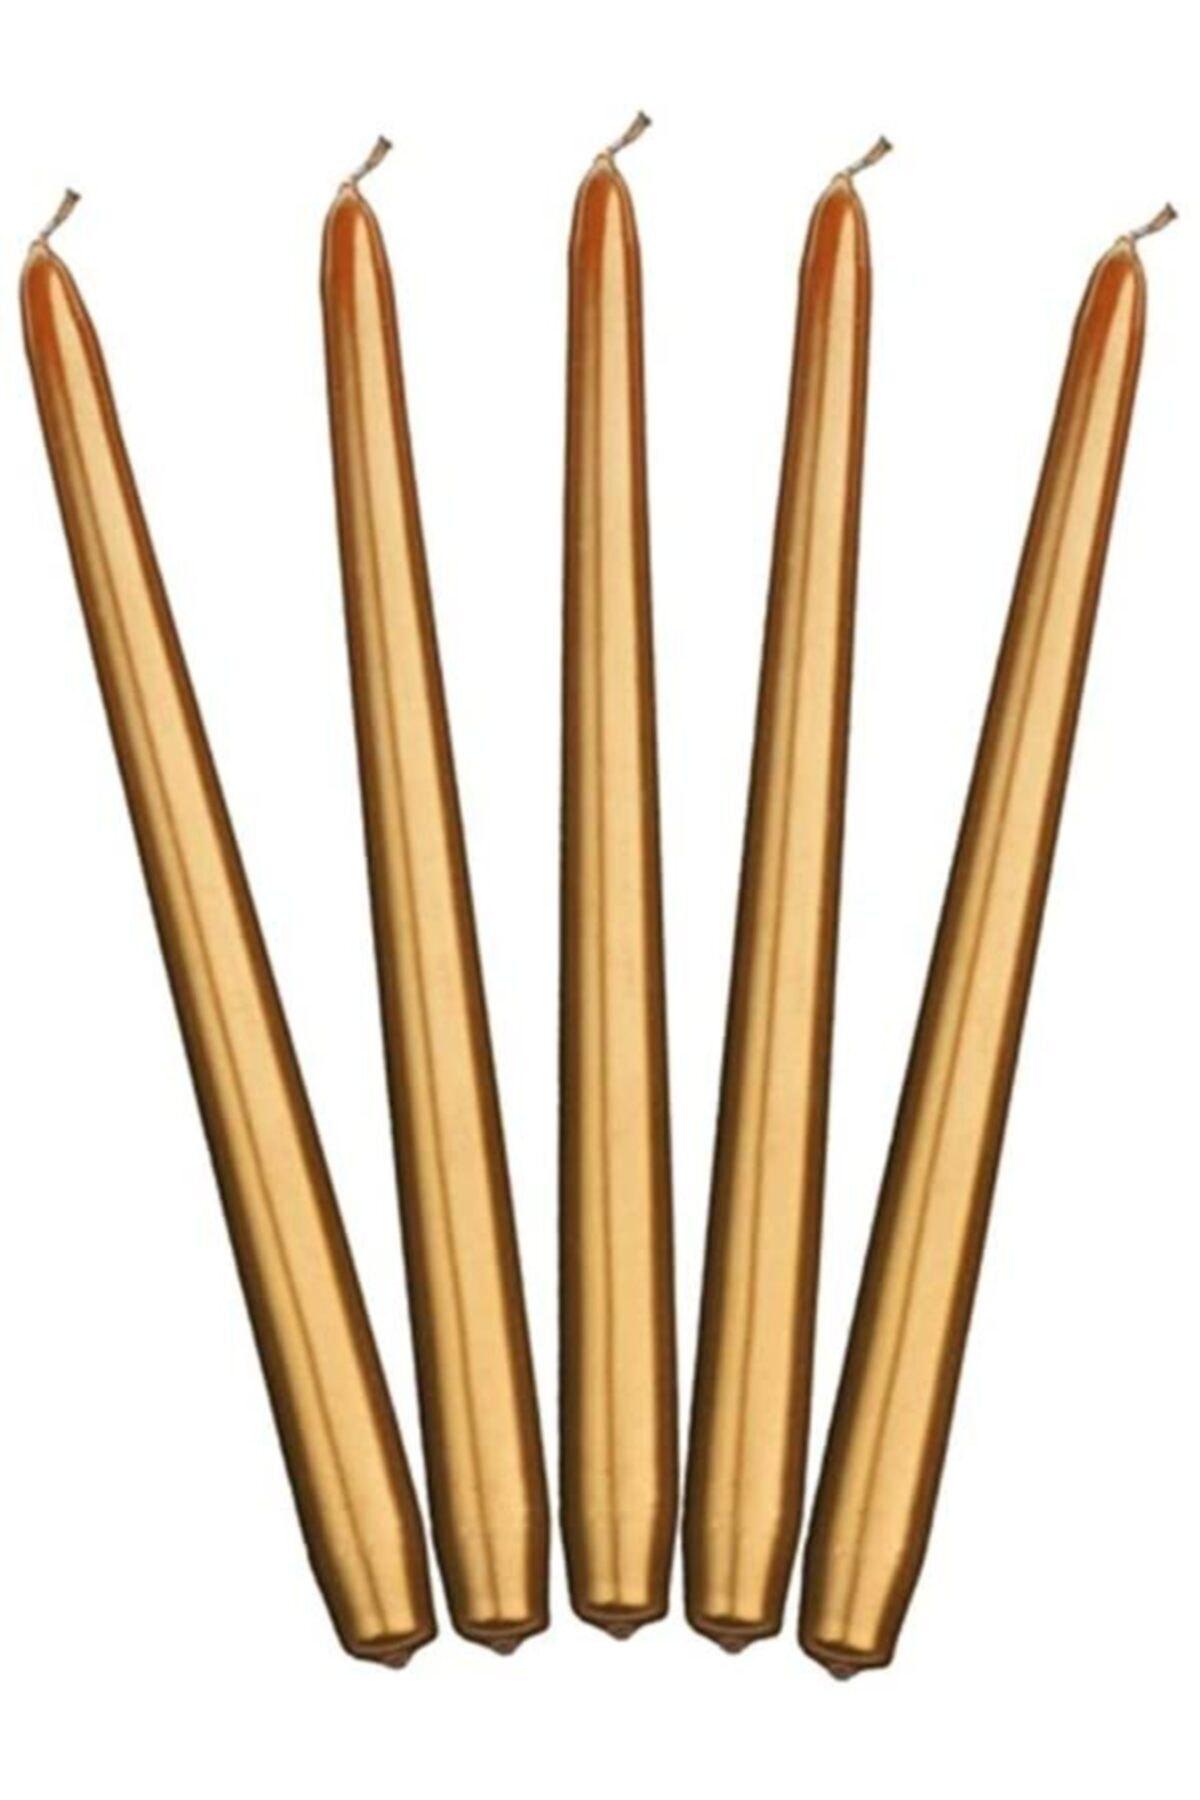 Şamdan Mum - Metalik Altın 4'lü Paket